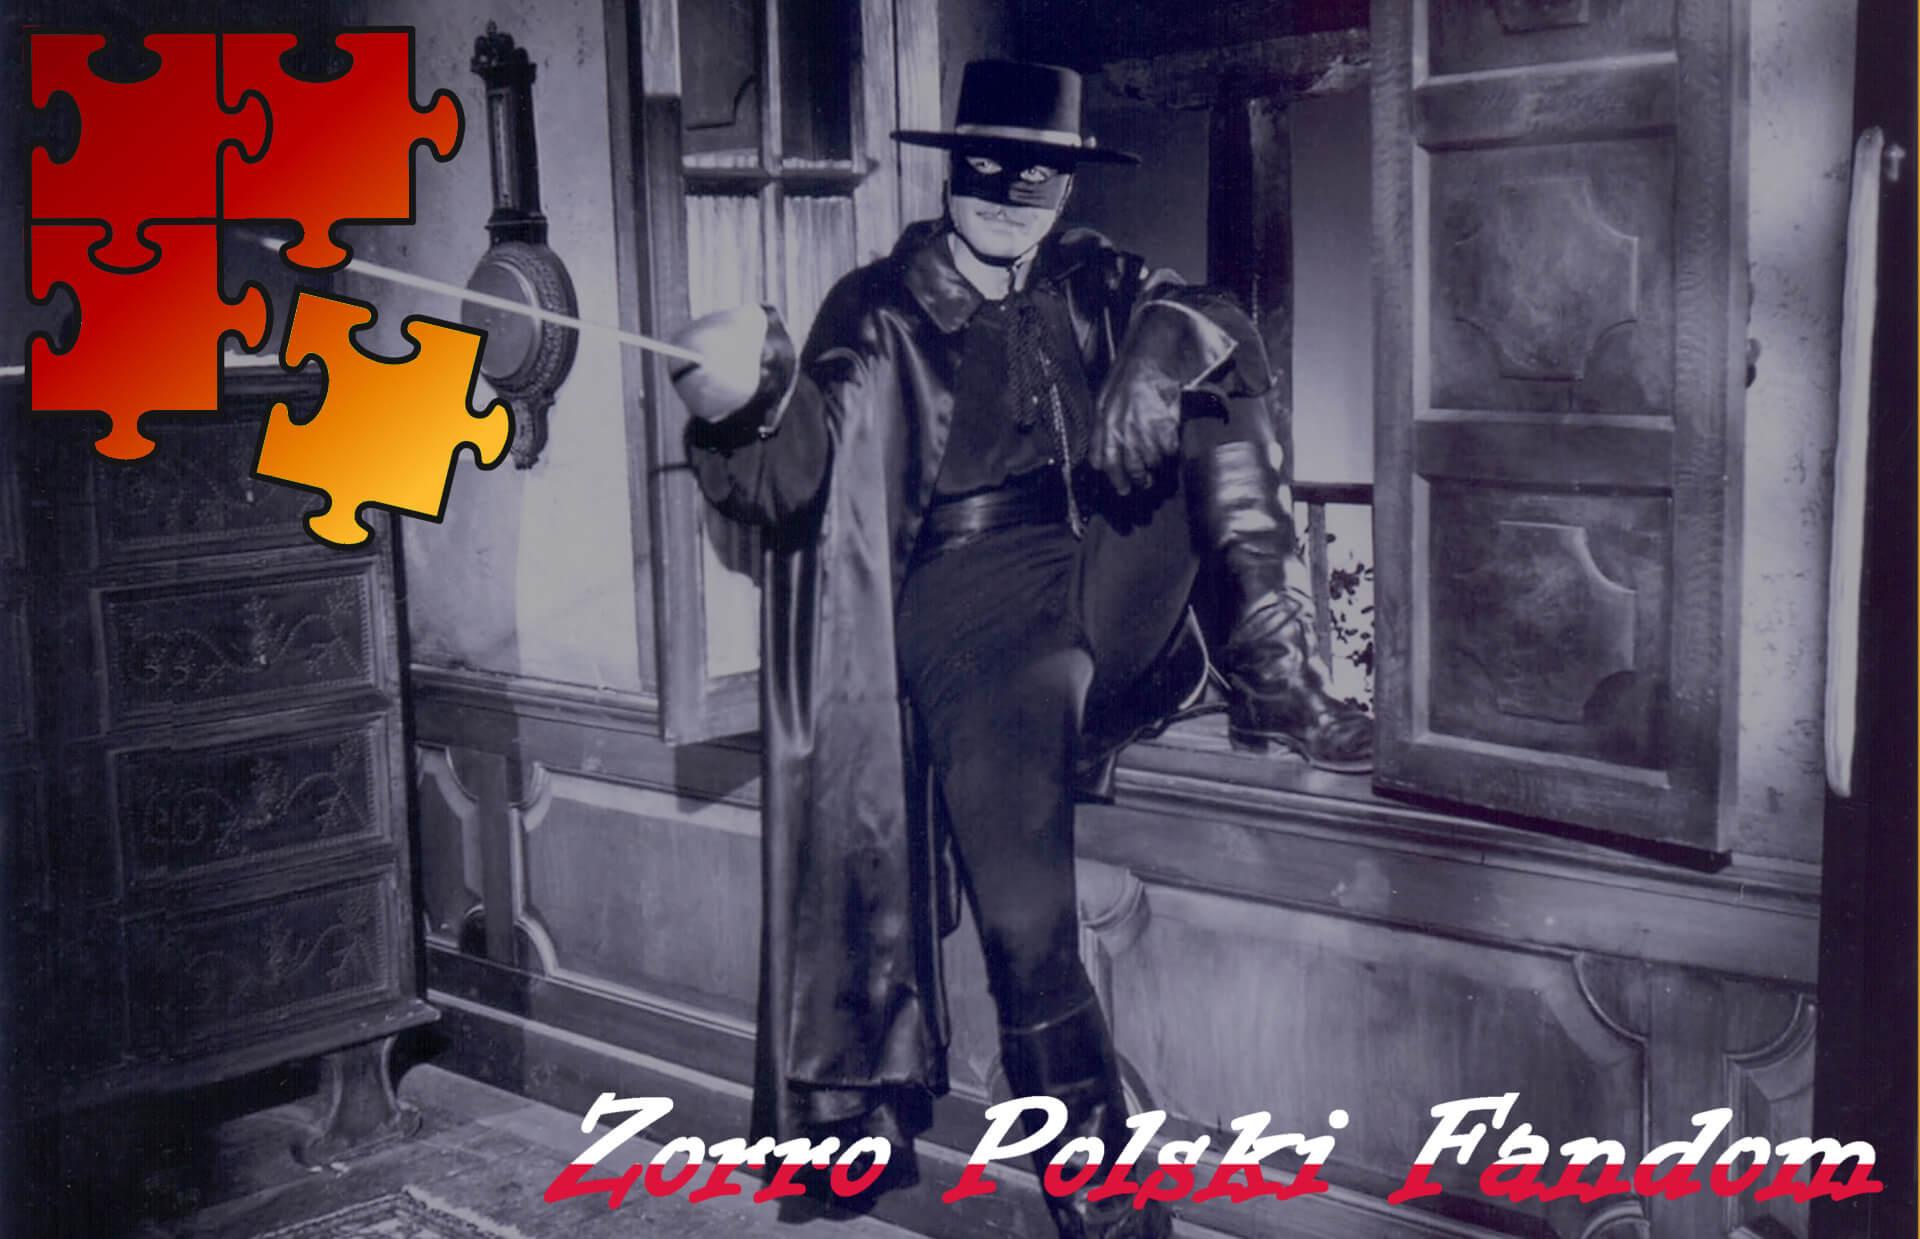 Jigsaw Puzzle Zorro Walt Disney Zorro - Zorro na parapecie 3 PL